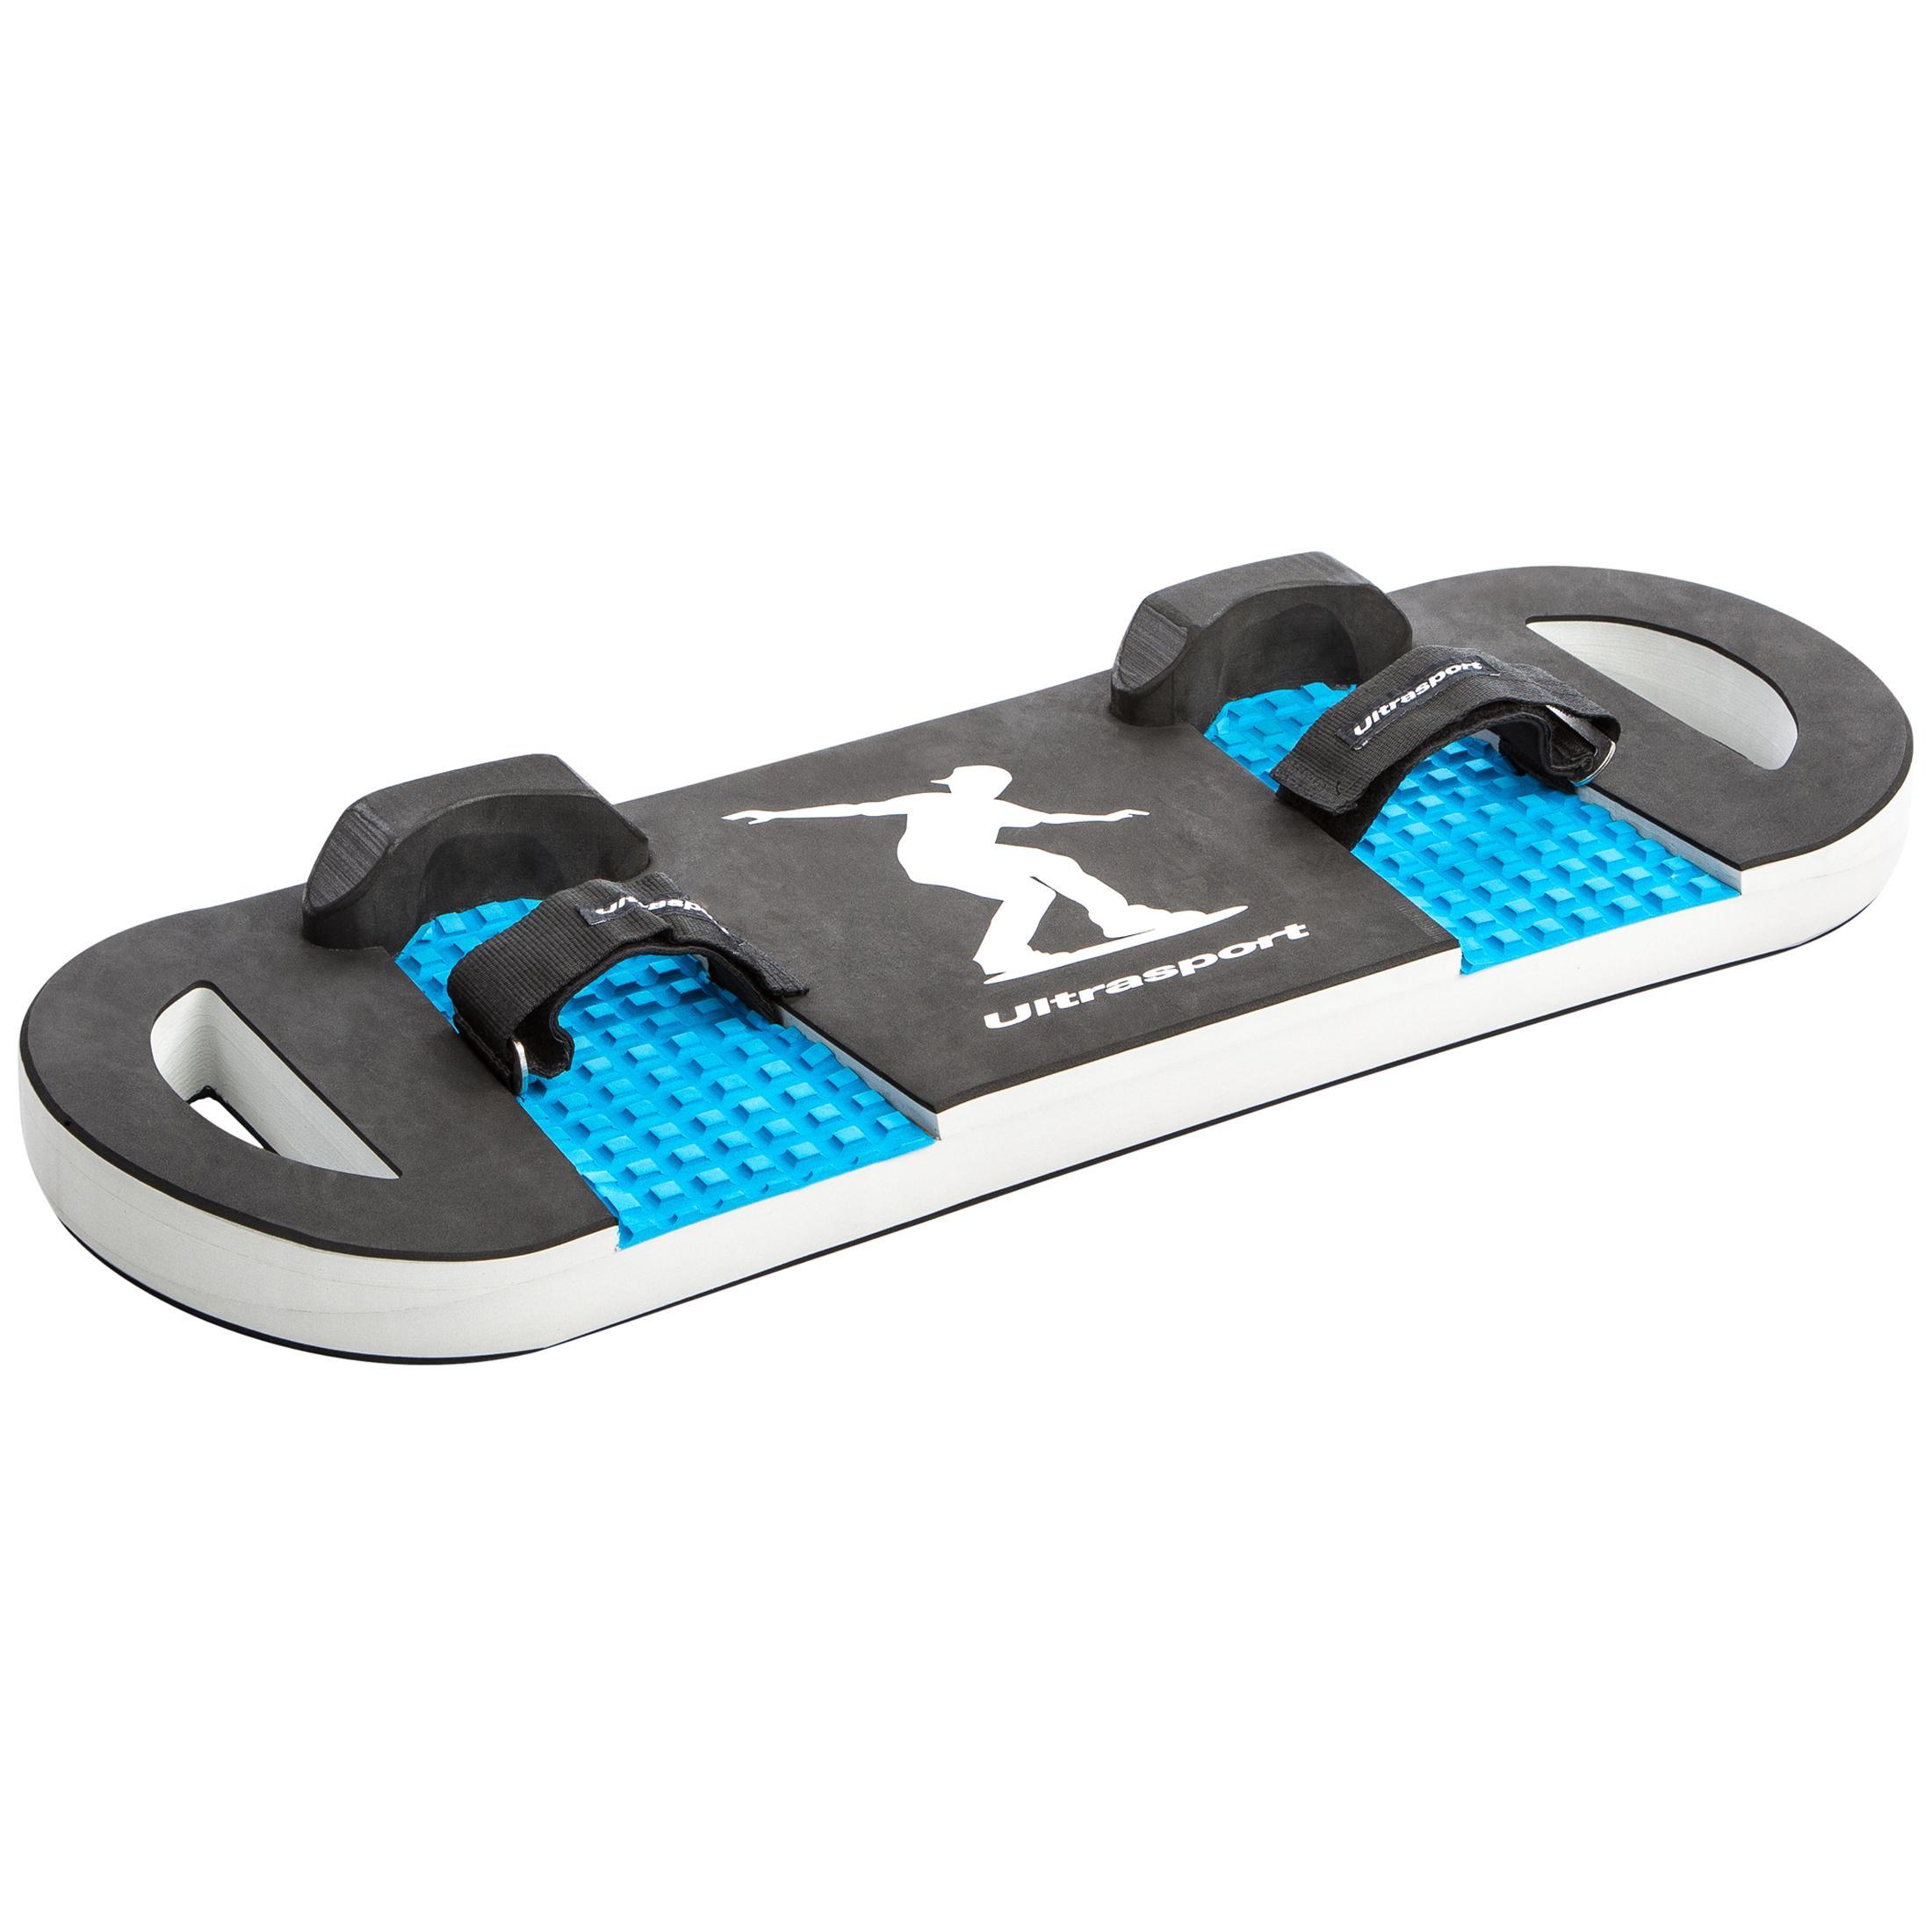 Ultrasport Trampoline Board For Funsport Training On Your